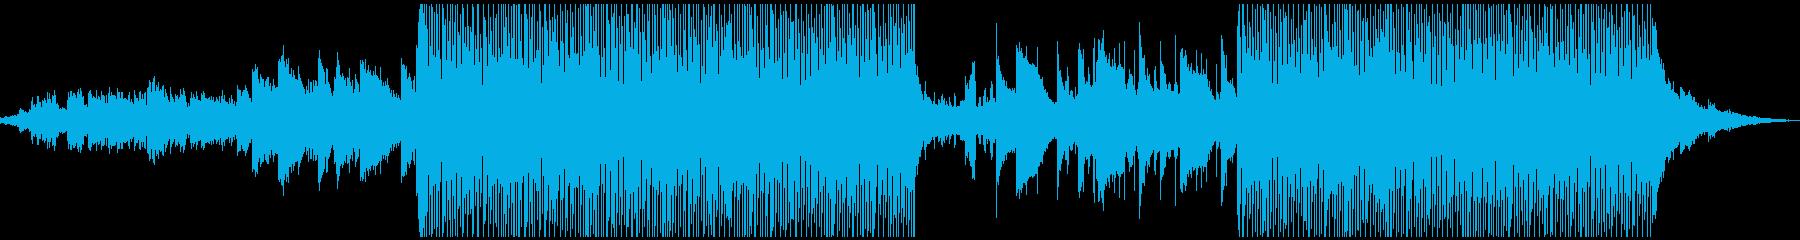 おしゃれな音色でやさしいメロディーの再生済みの波形